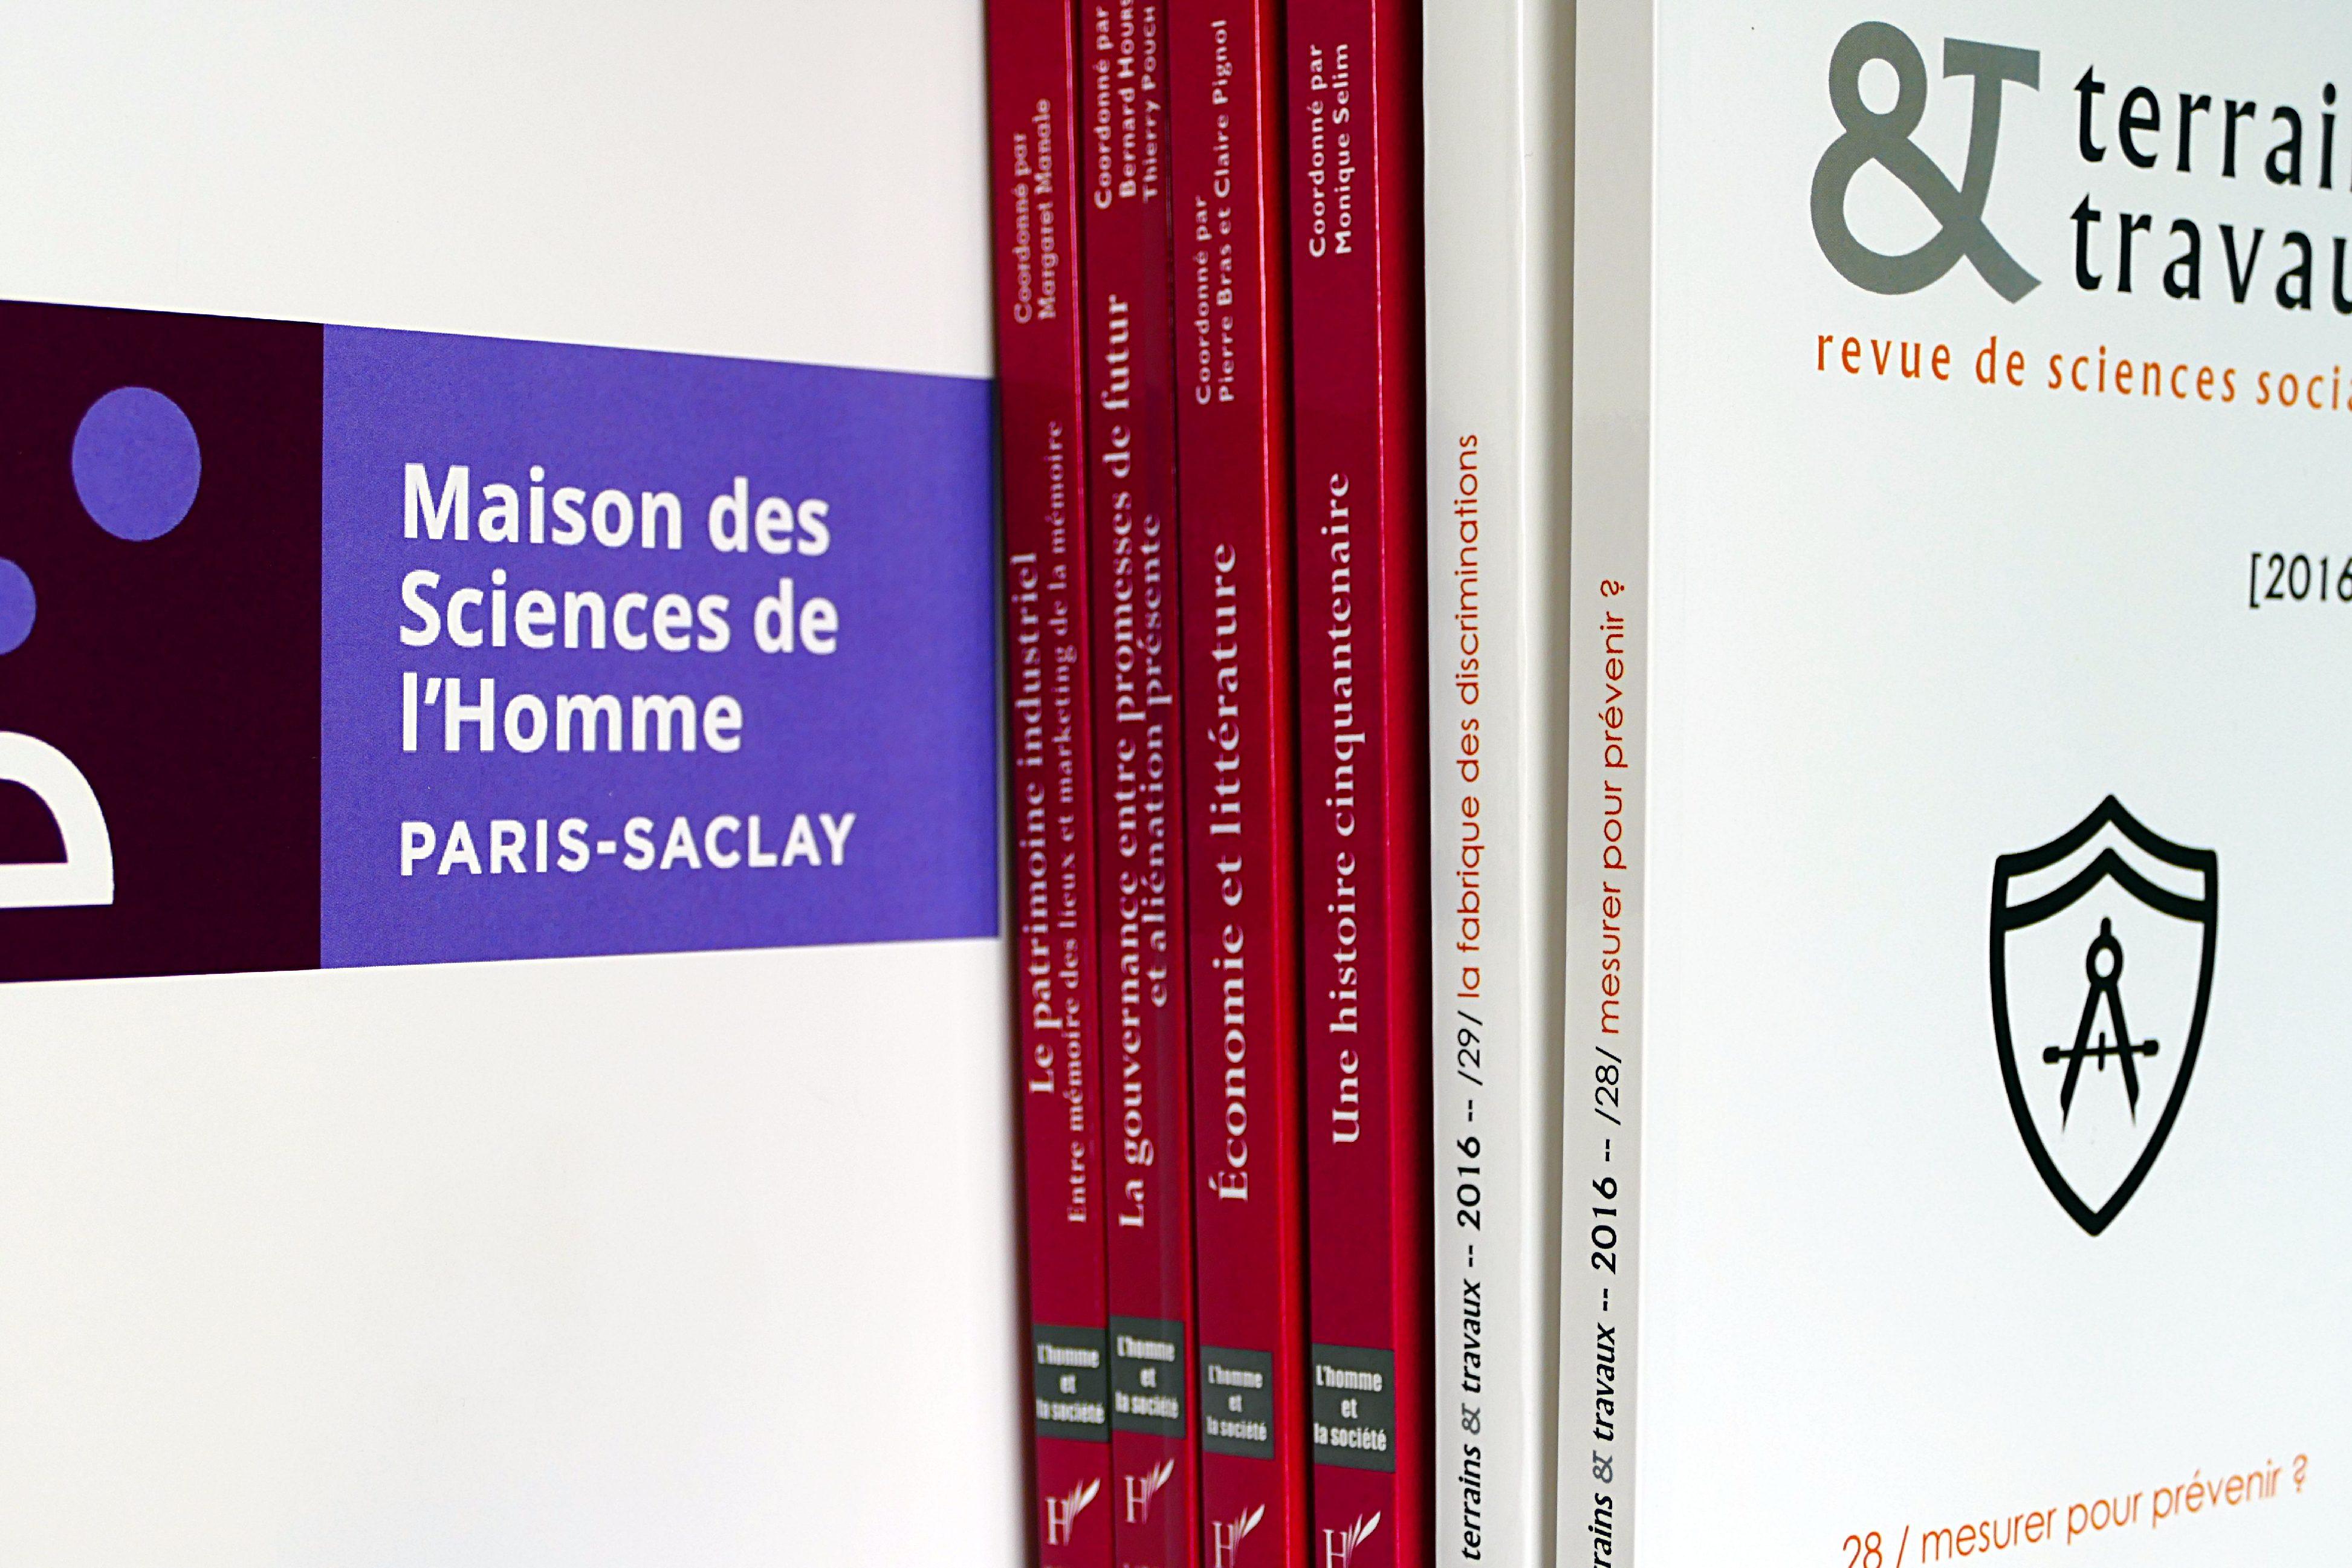 Deux revues hébergées à la MSH Paris-Saclay